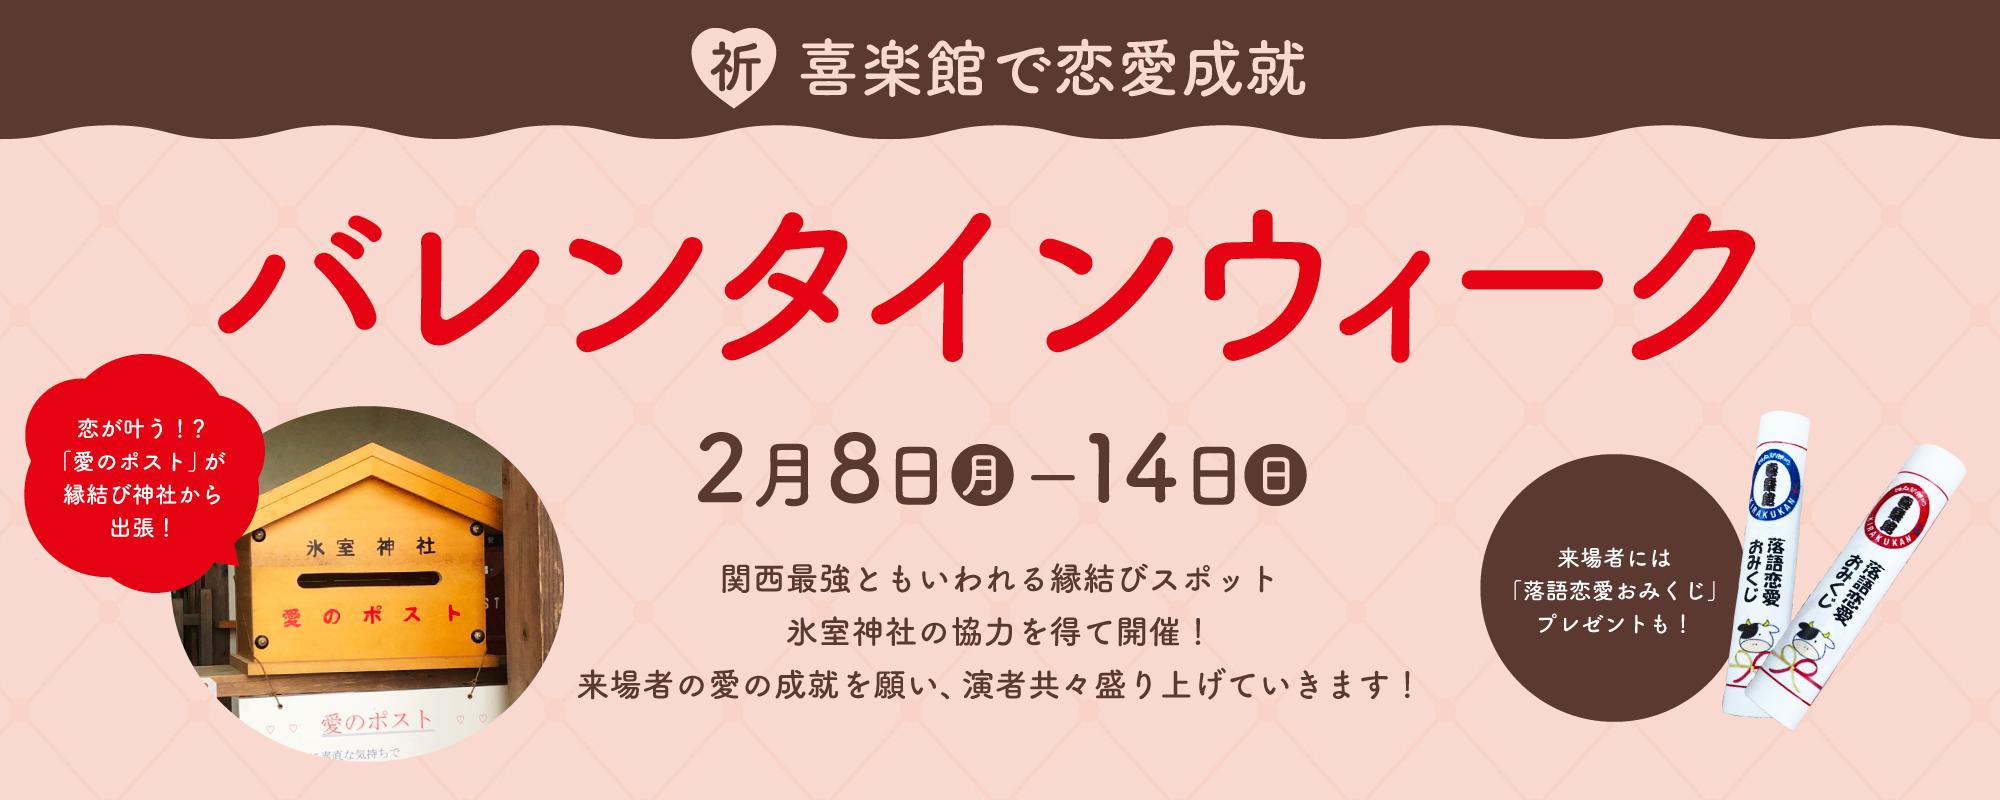 「バレンタインウィーク」開催!